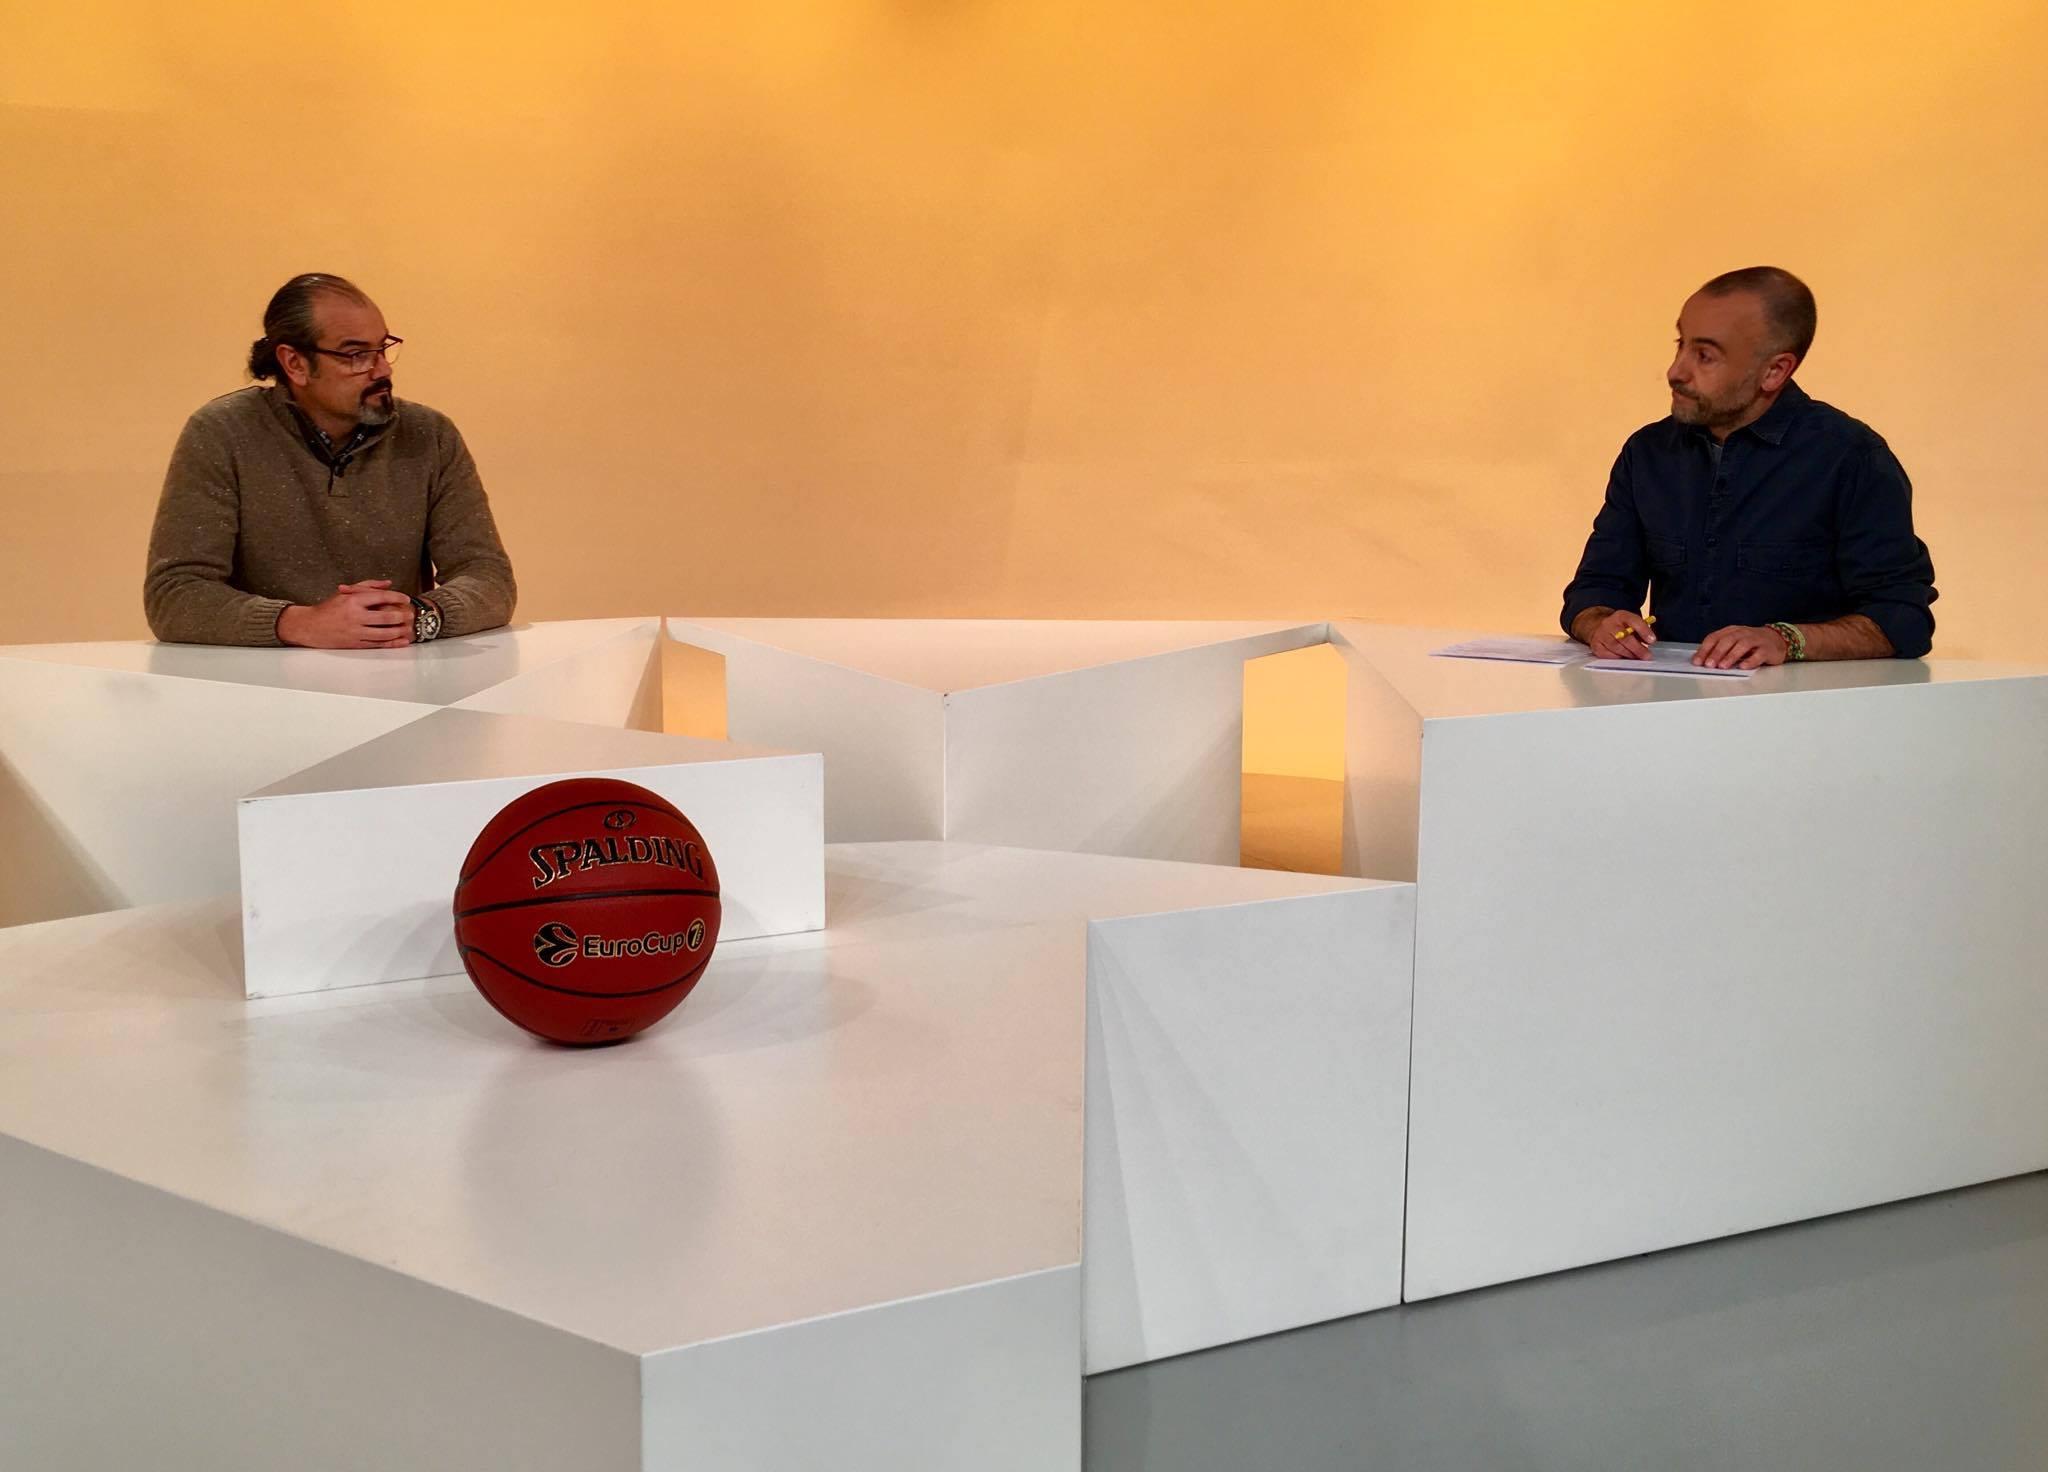 Dia E 1a part - L'actualitat del MoraBanc Andorra amb Francesc Solana